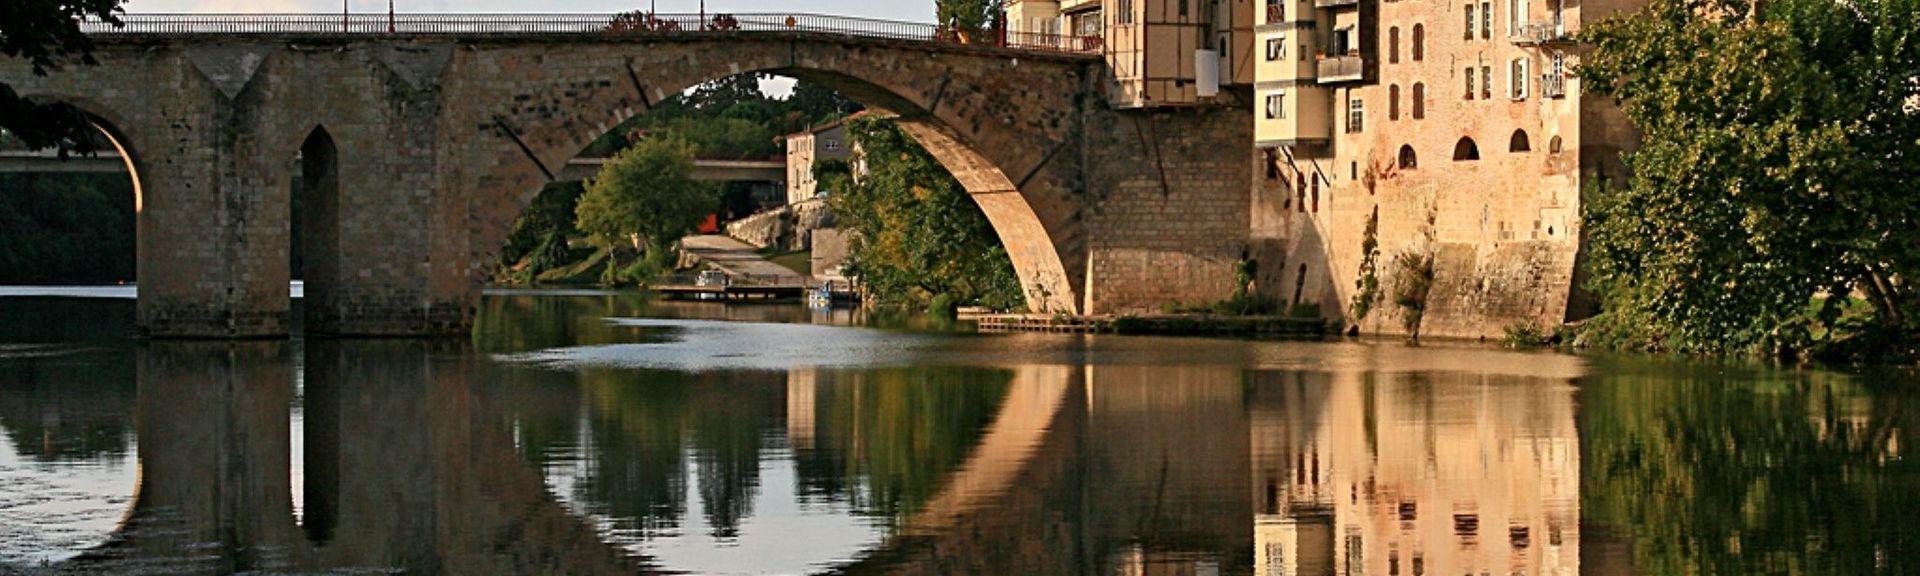 Cours, Lot-et-Garonne, France